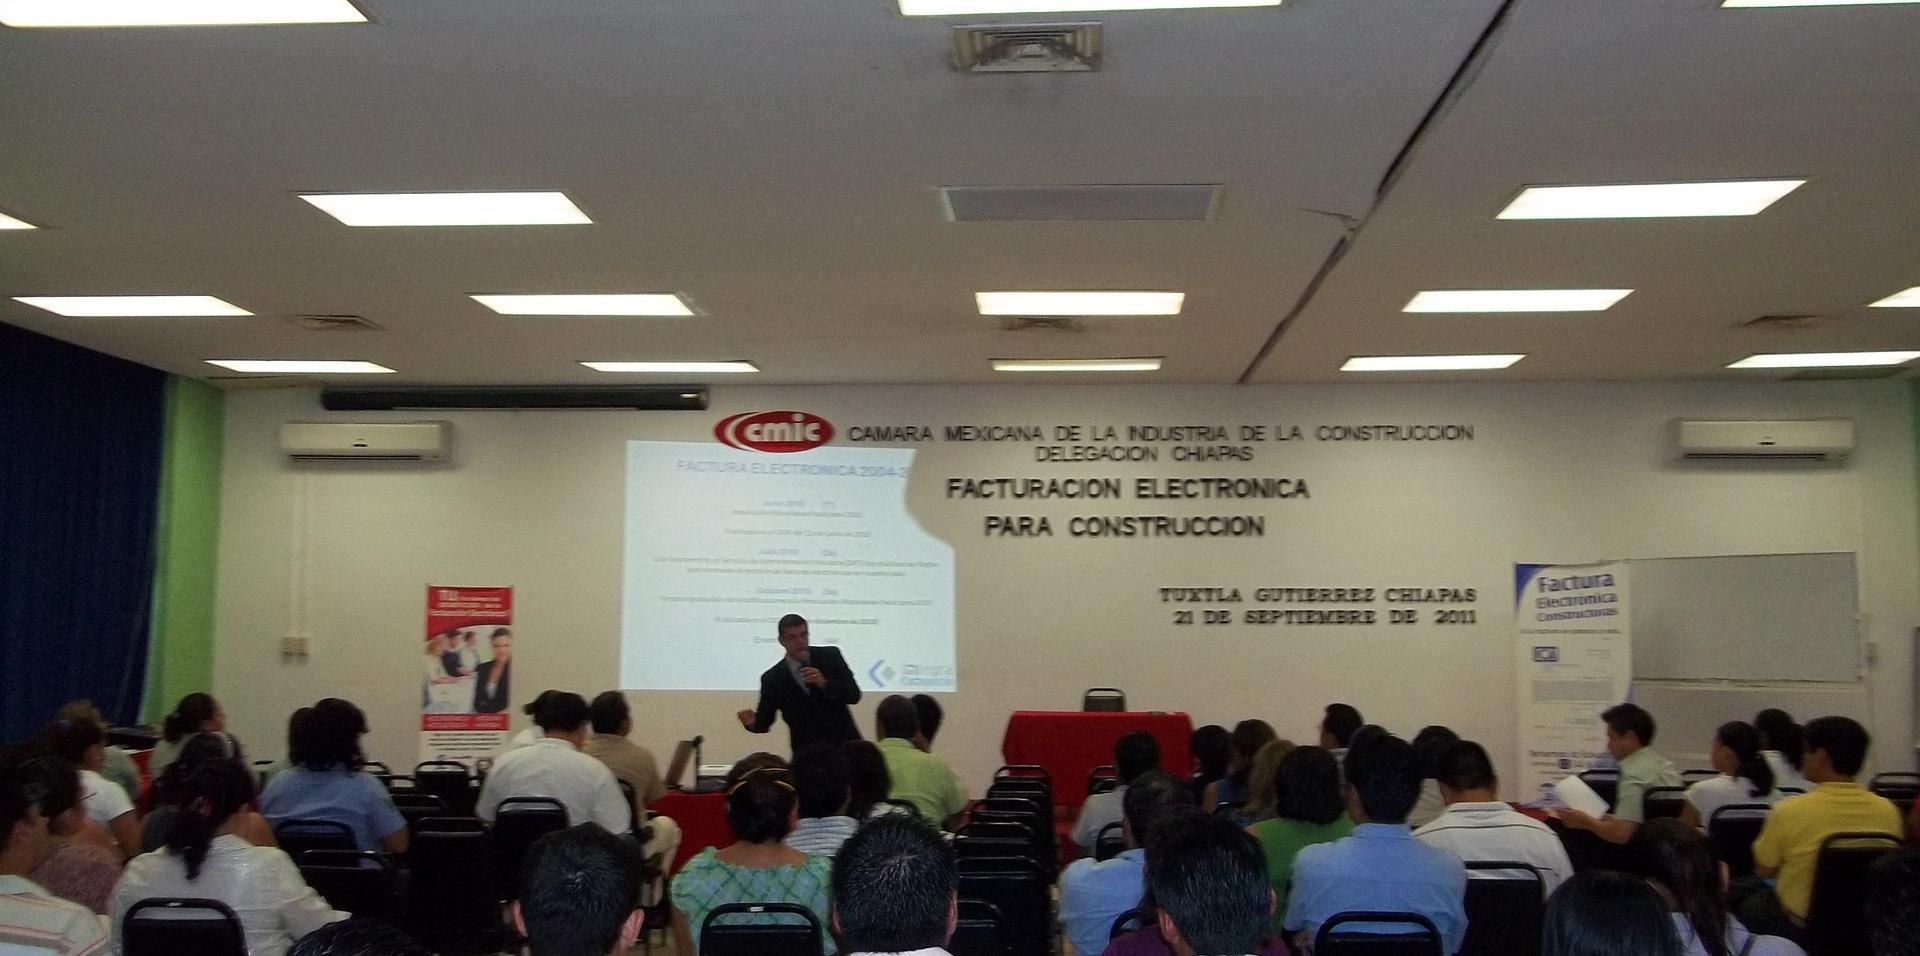 Camara Mexicana de la Industria de la Construcción CMIC